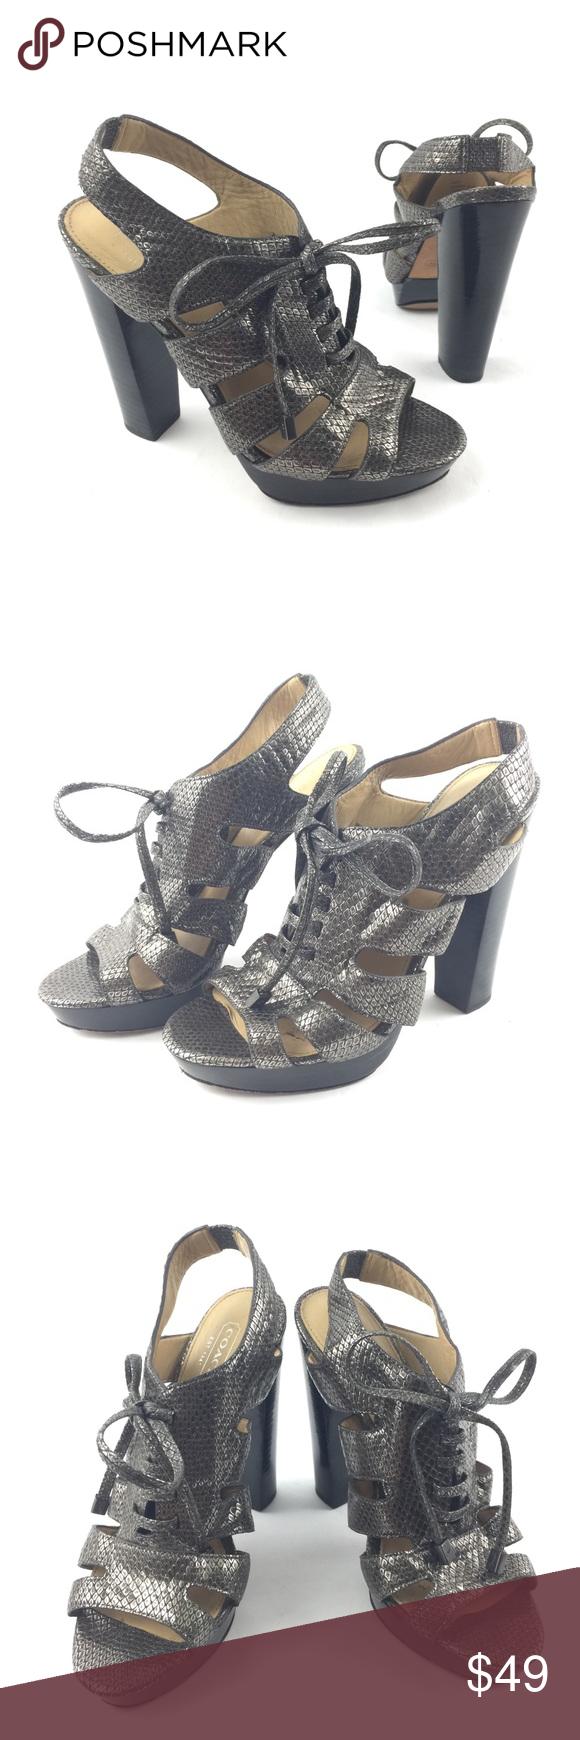 f4fd5215423 Coach Noreen Platform Heels Snakeskin Sandals Coach Noreen Size 6.5 ...